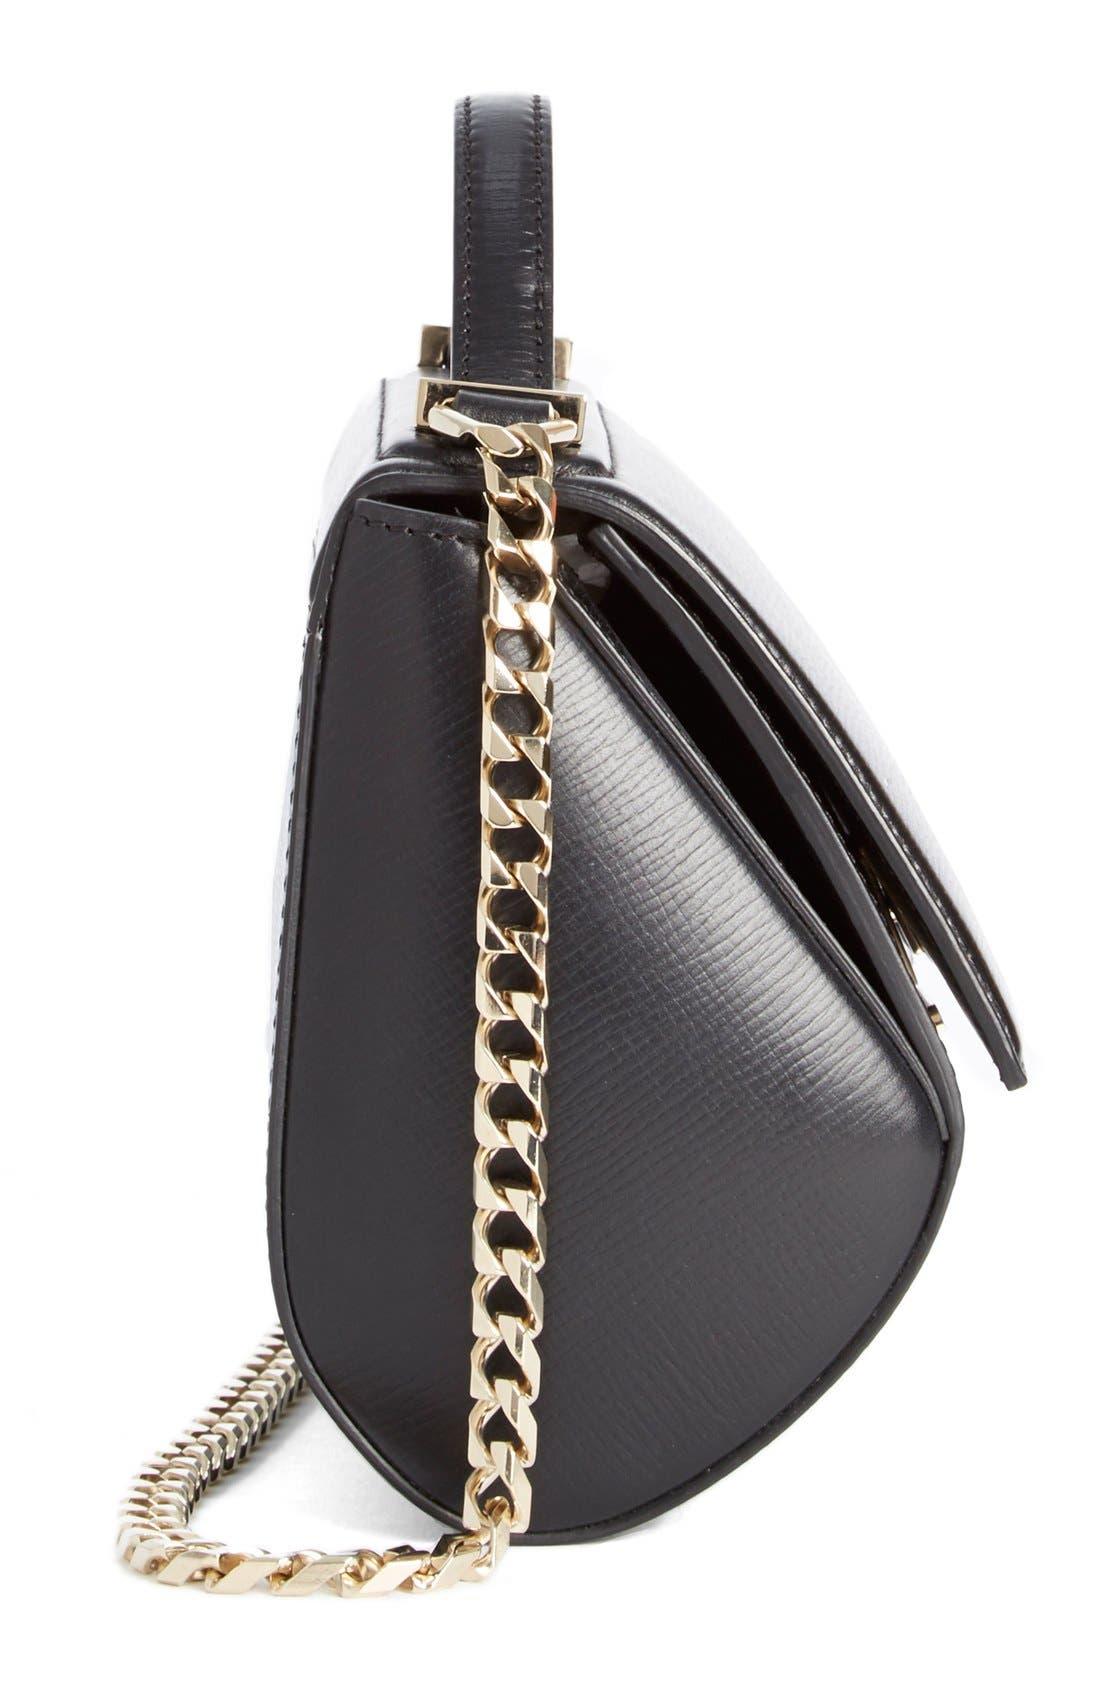 'Mini Pandora Box - Palma' Leather Shoulder Bag,                             Alternate thumbnail 3, color,                             001 BLACK